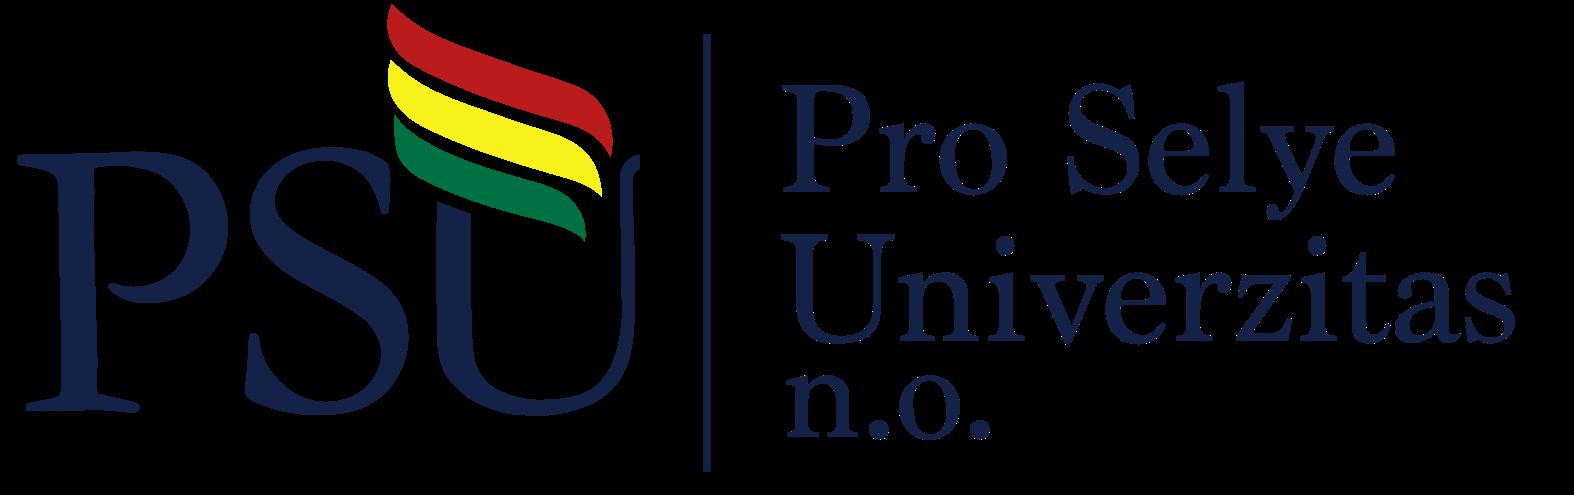 proselye-logo